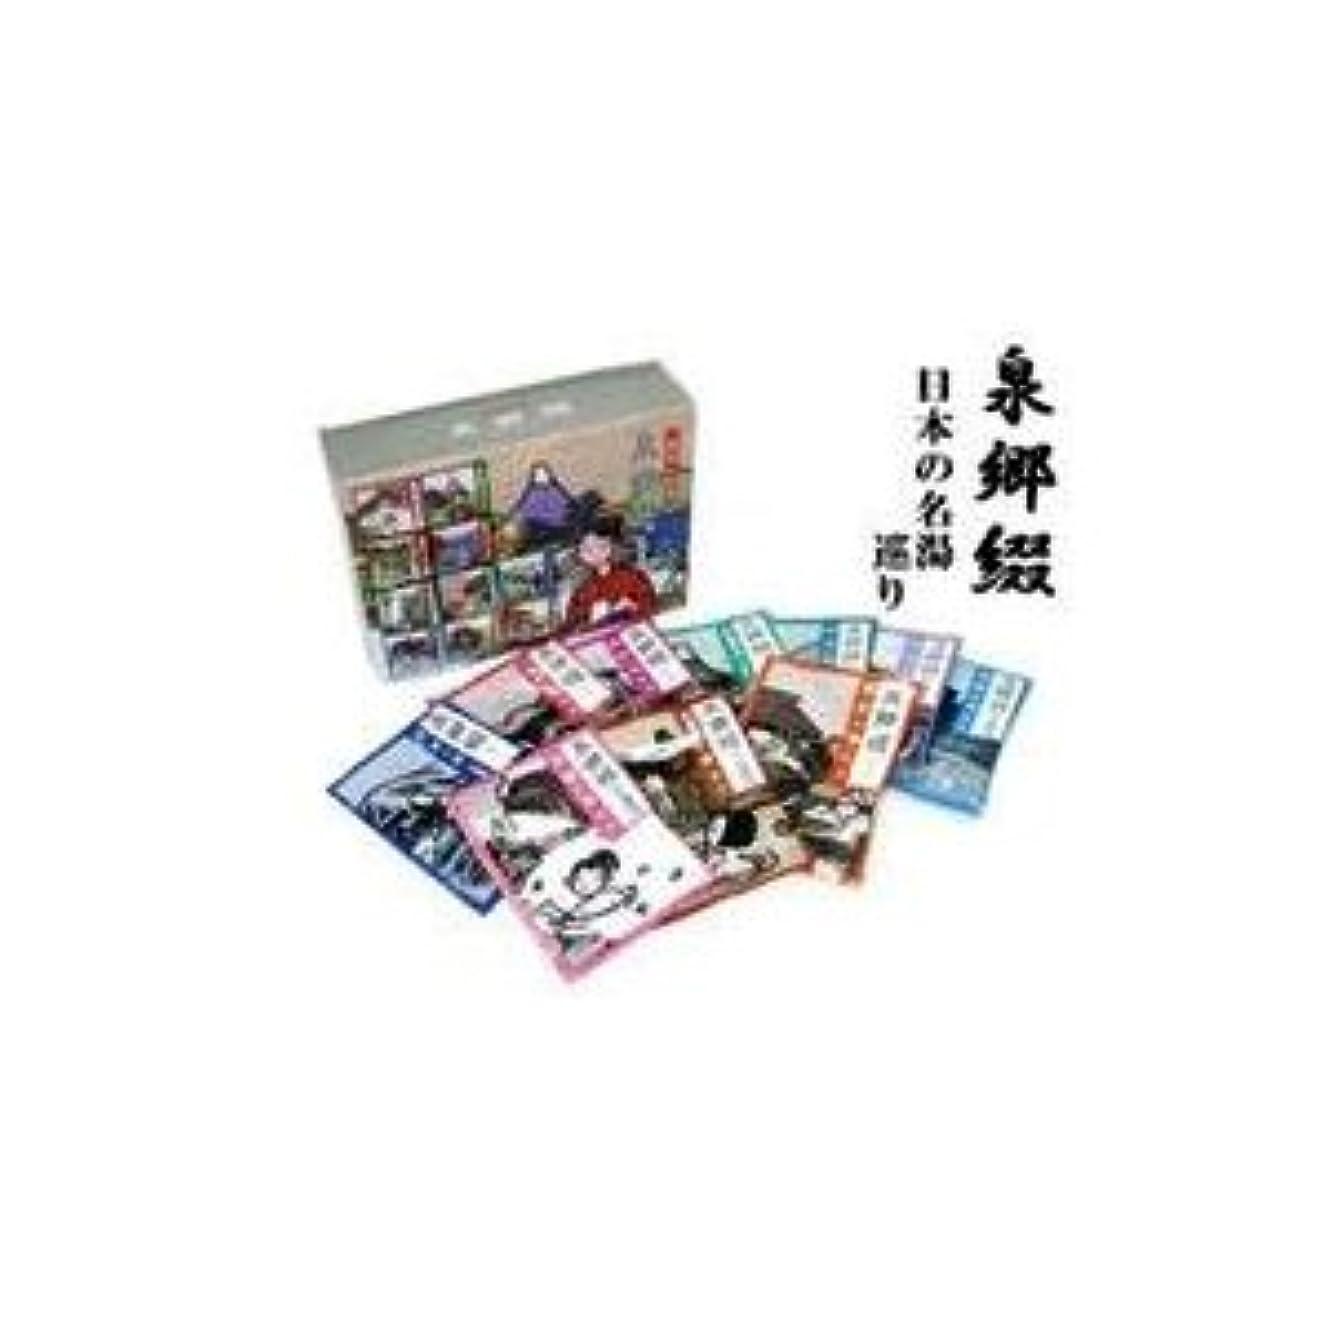 高度退屈買う入浴剤 泉郷綴<日本の名湯巡り>(10包入り)日本を代表する温泉10ヶ所の入浴剤(10セット)